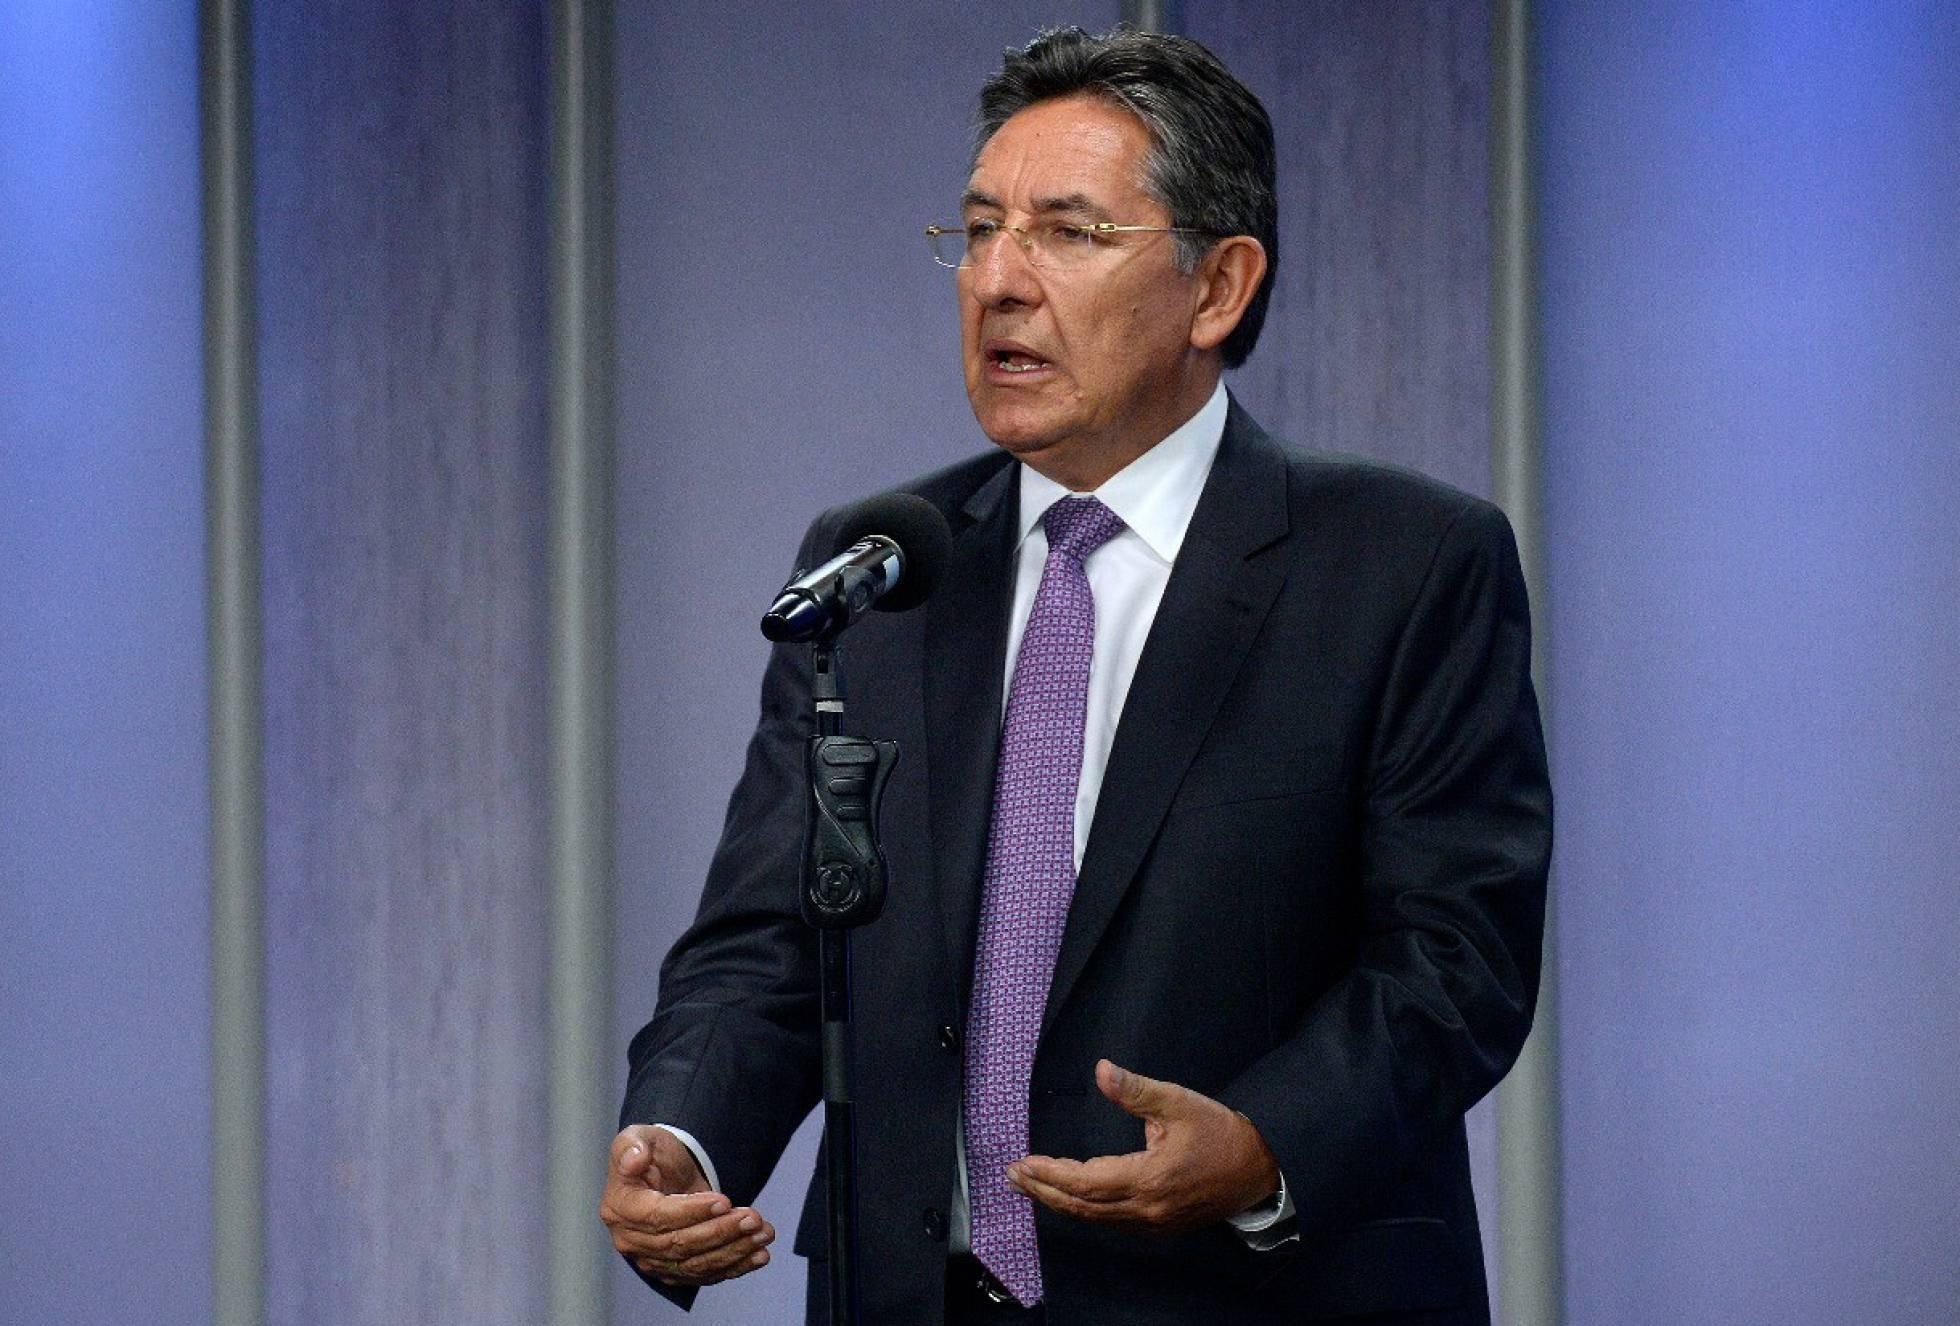 CASO ODEBRECHT. El fiscal general de Colombia admite seguimientos a opositores por el 'caso Odebrecht'